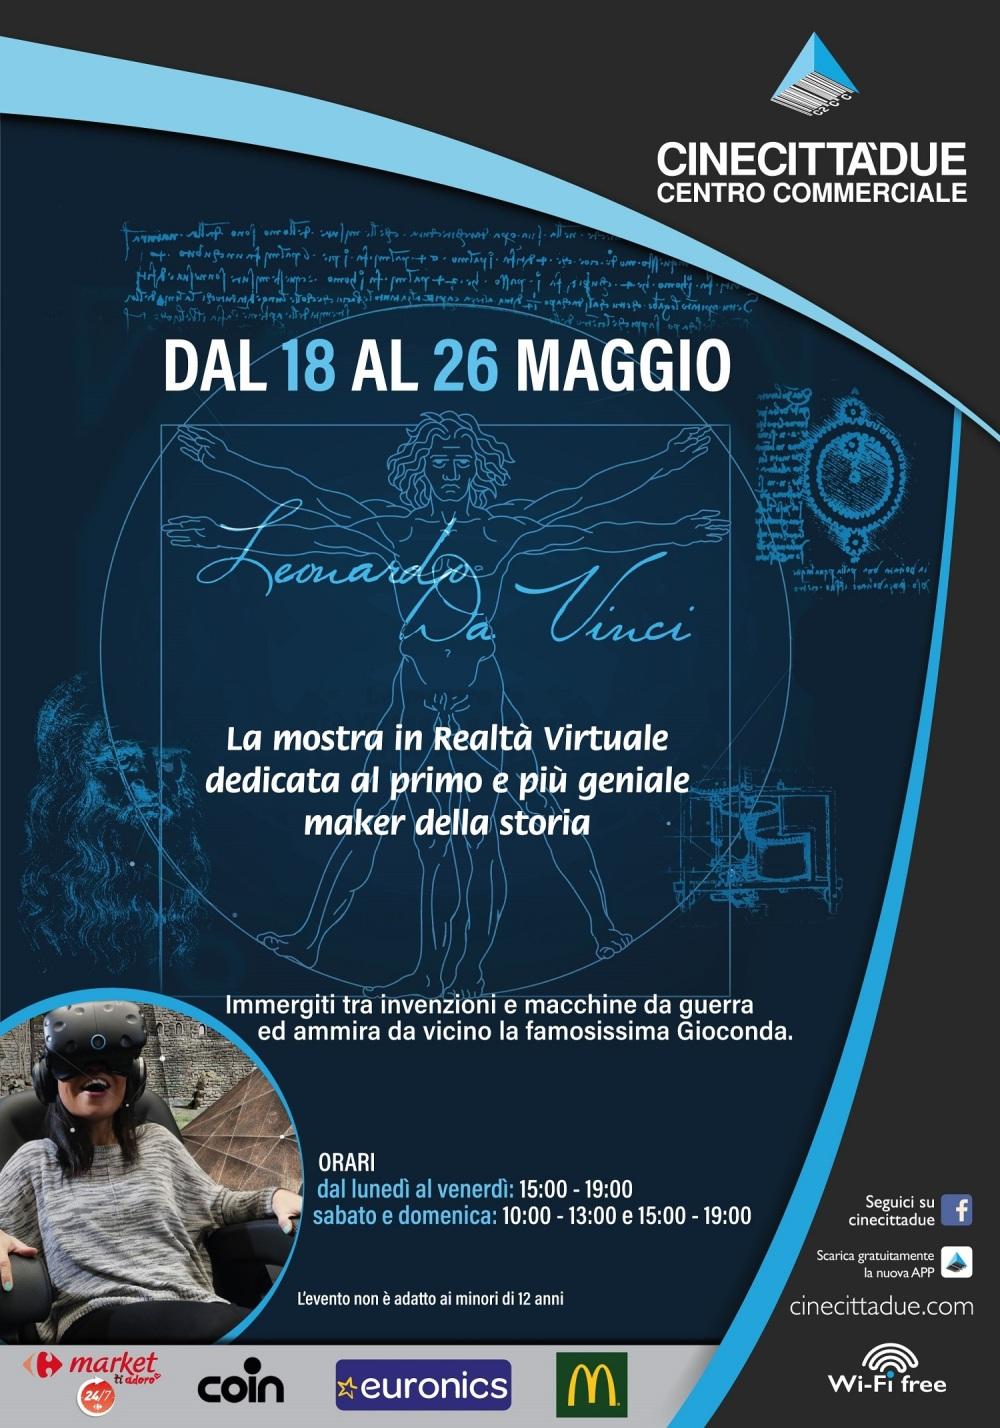 CinecittàDue - Leonardo da Vinci - locandina